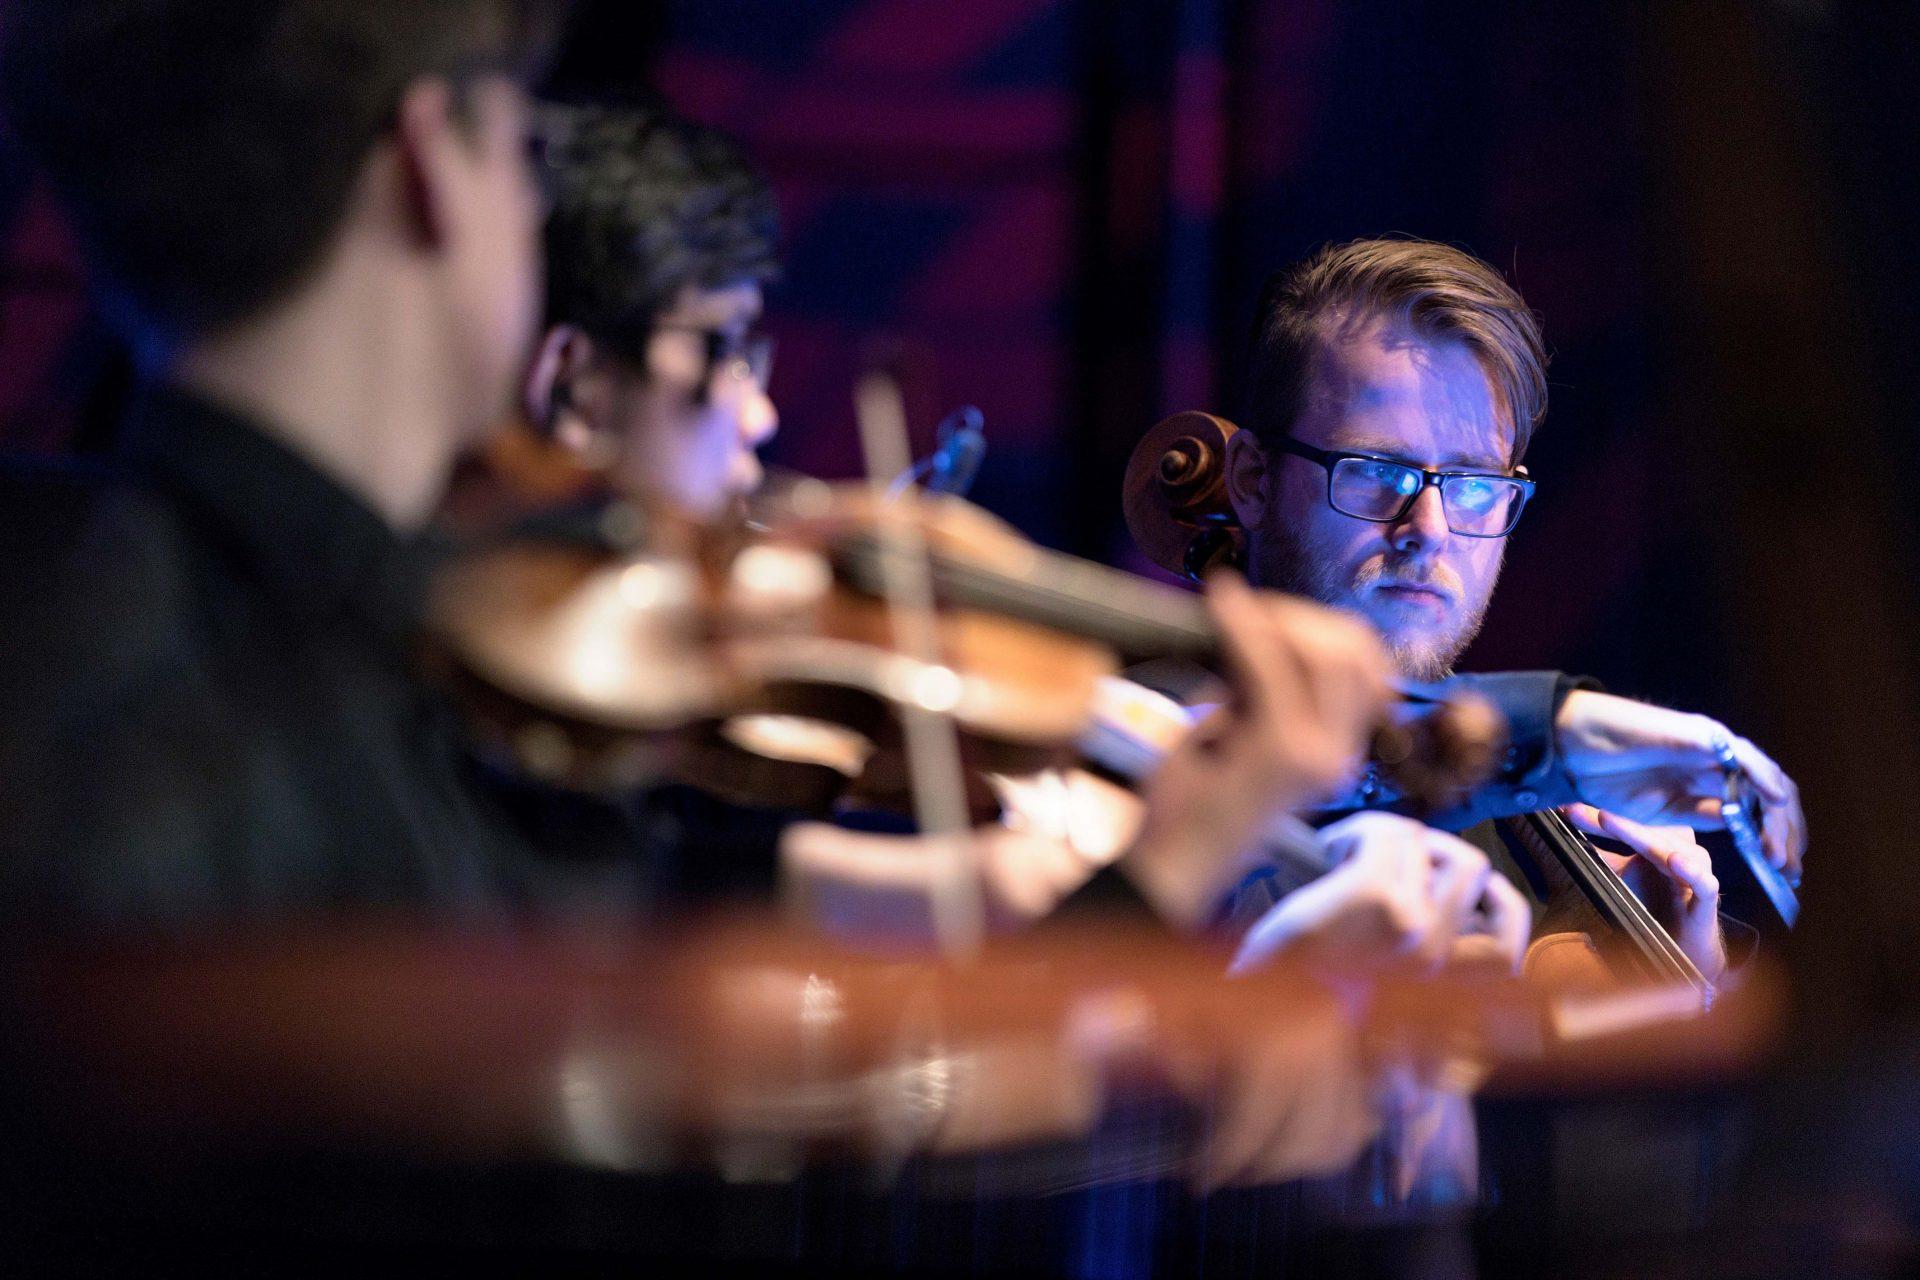 Aarhus kammermusikfestival: Unge talenter og garvede stjerner